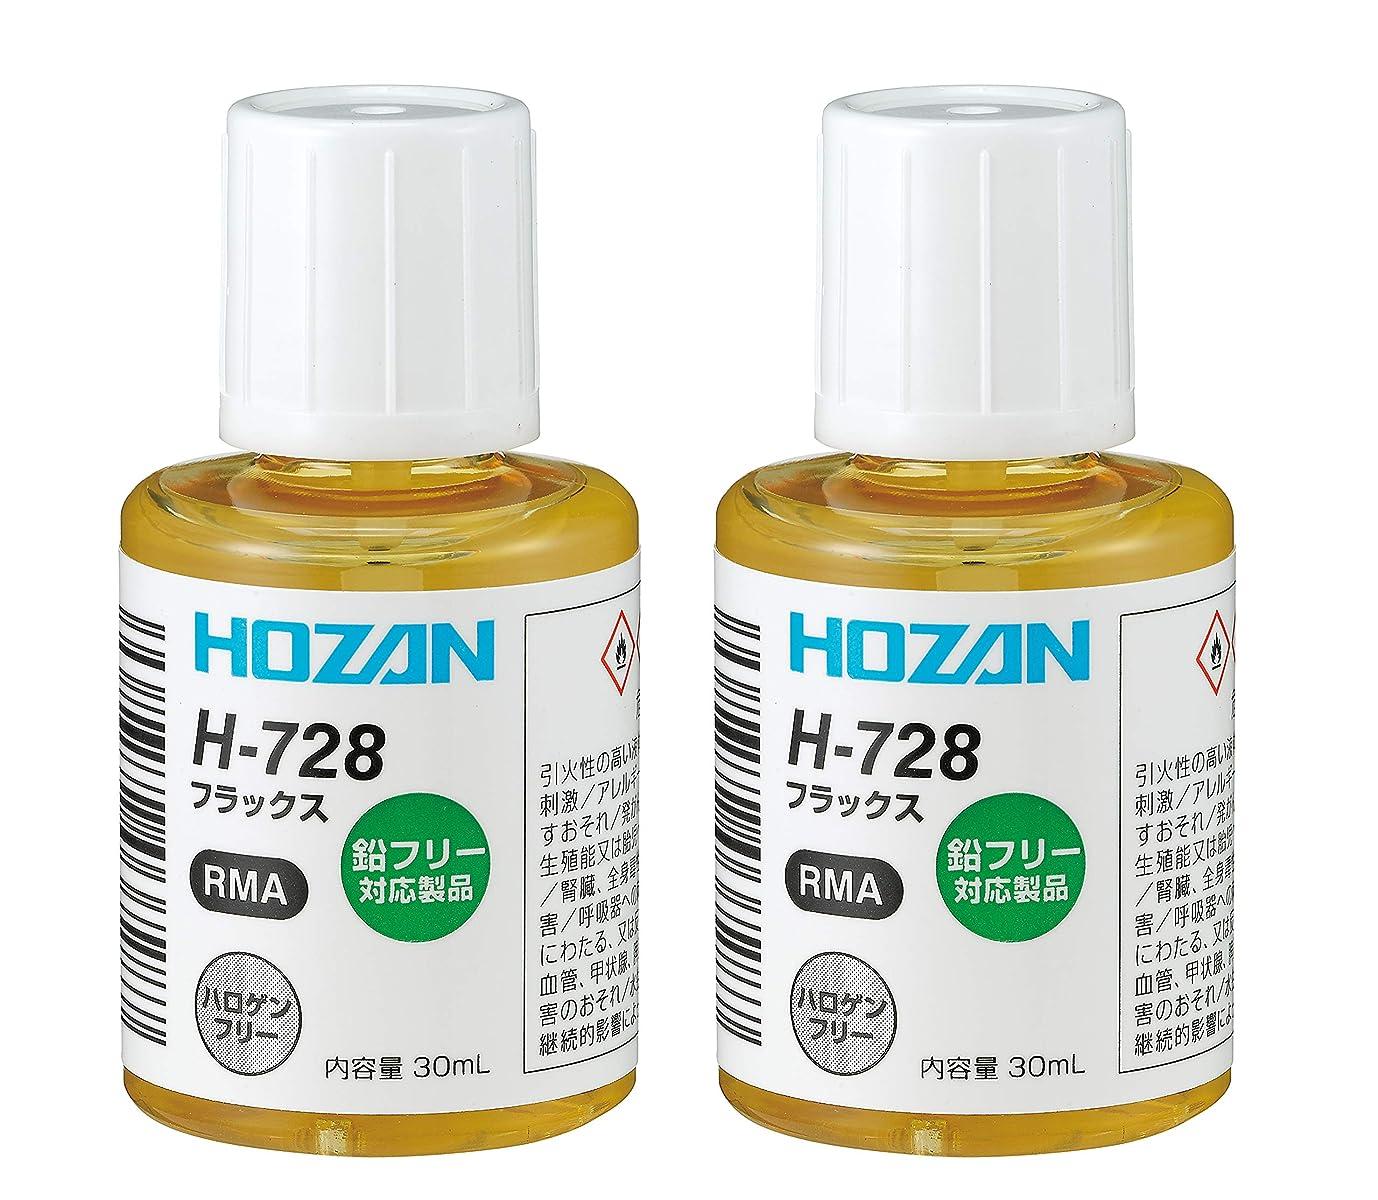 アシスタント熱心な入手します【Amazon.co.jp 限定】ホーザン(HOZAN) フラックス H-728AZ 2個セット 鉛フリー対応製品 便利なハケ付きキャップ付